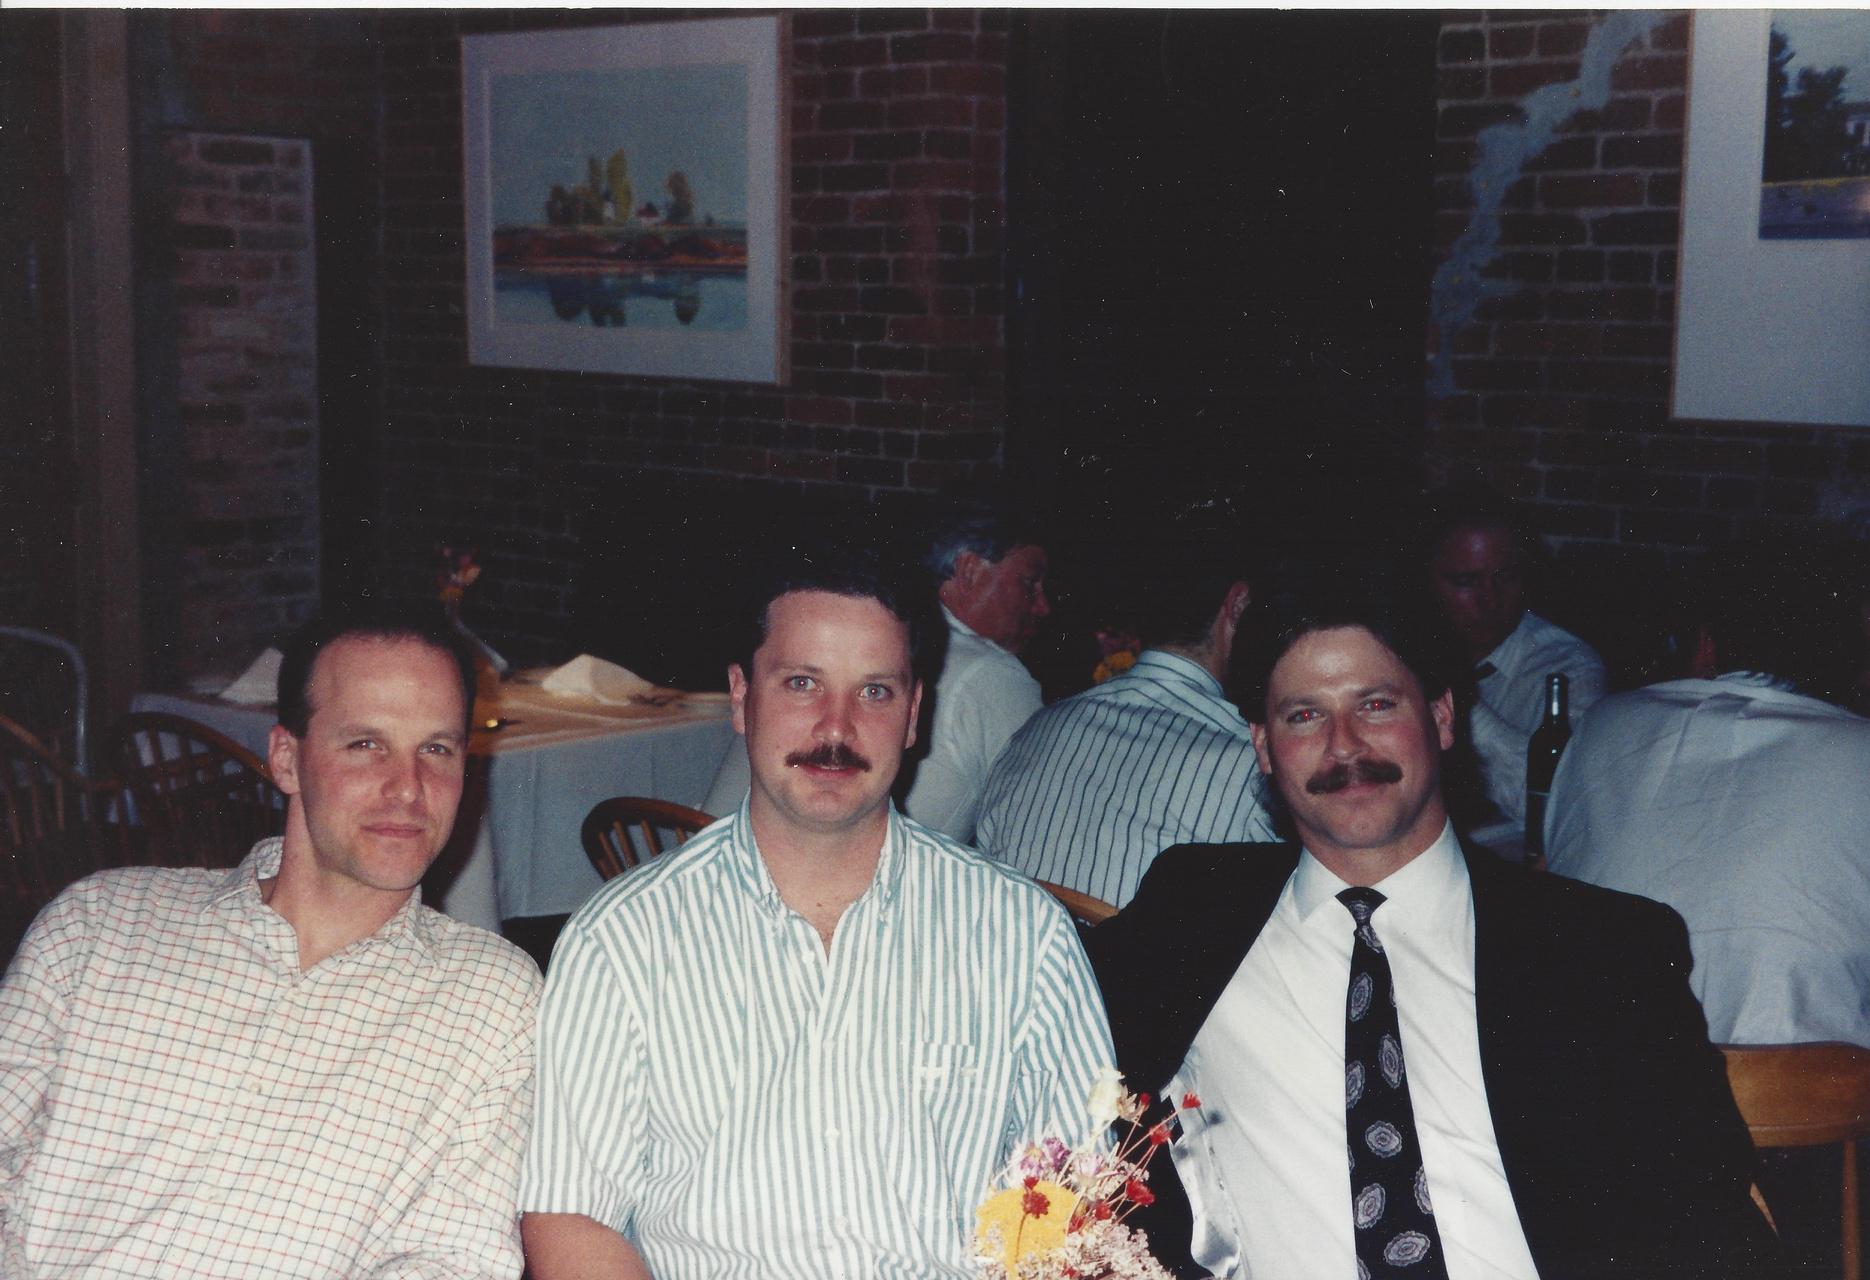 Jamie, John & Jeff